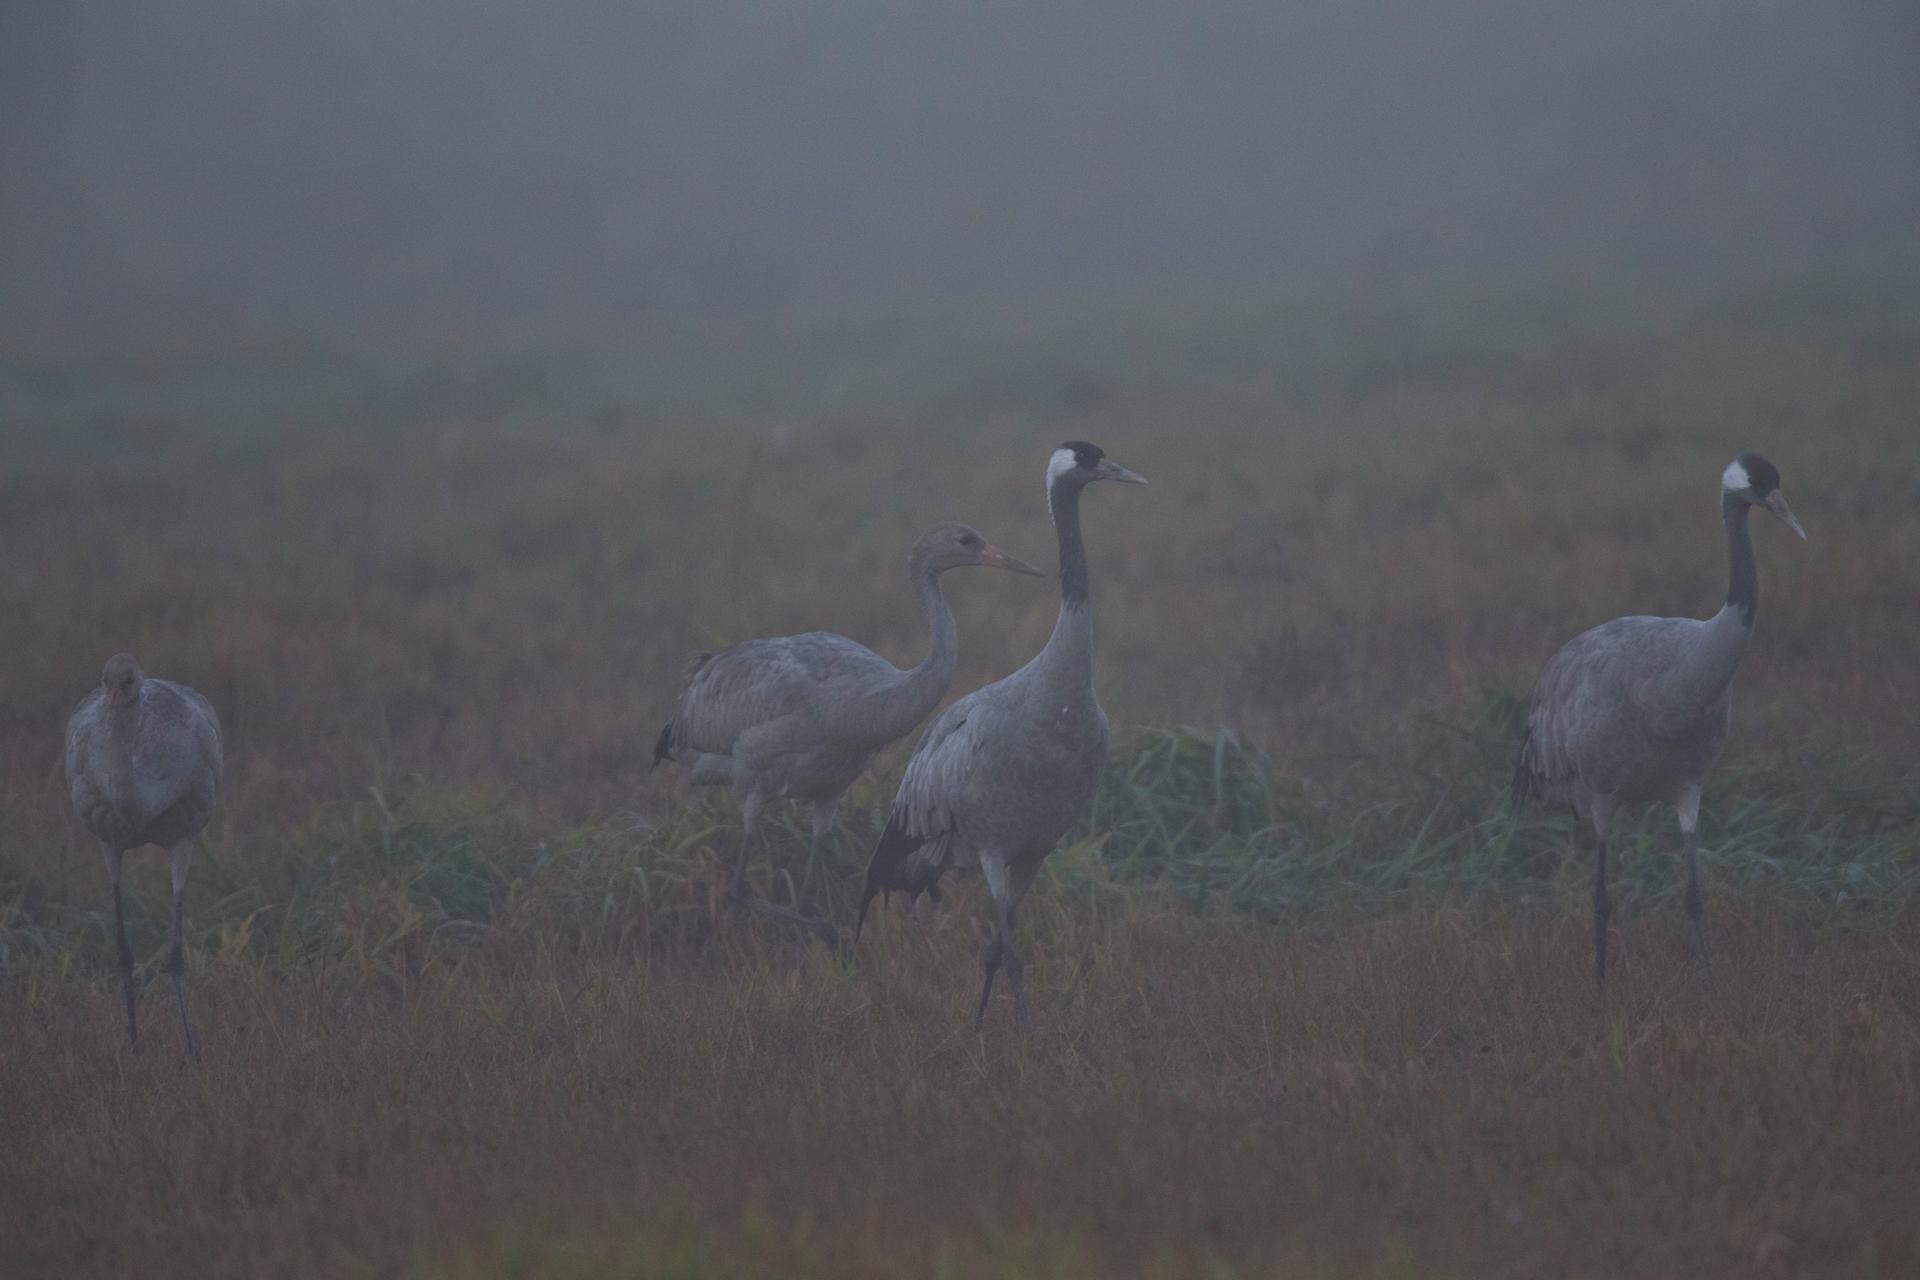 7:30 Uhr: der Nebel lichtet sich ein wenig